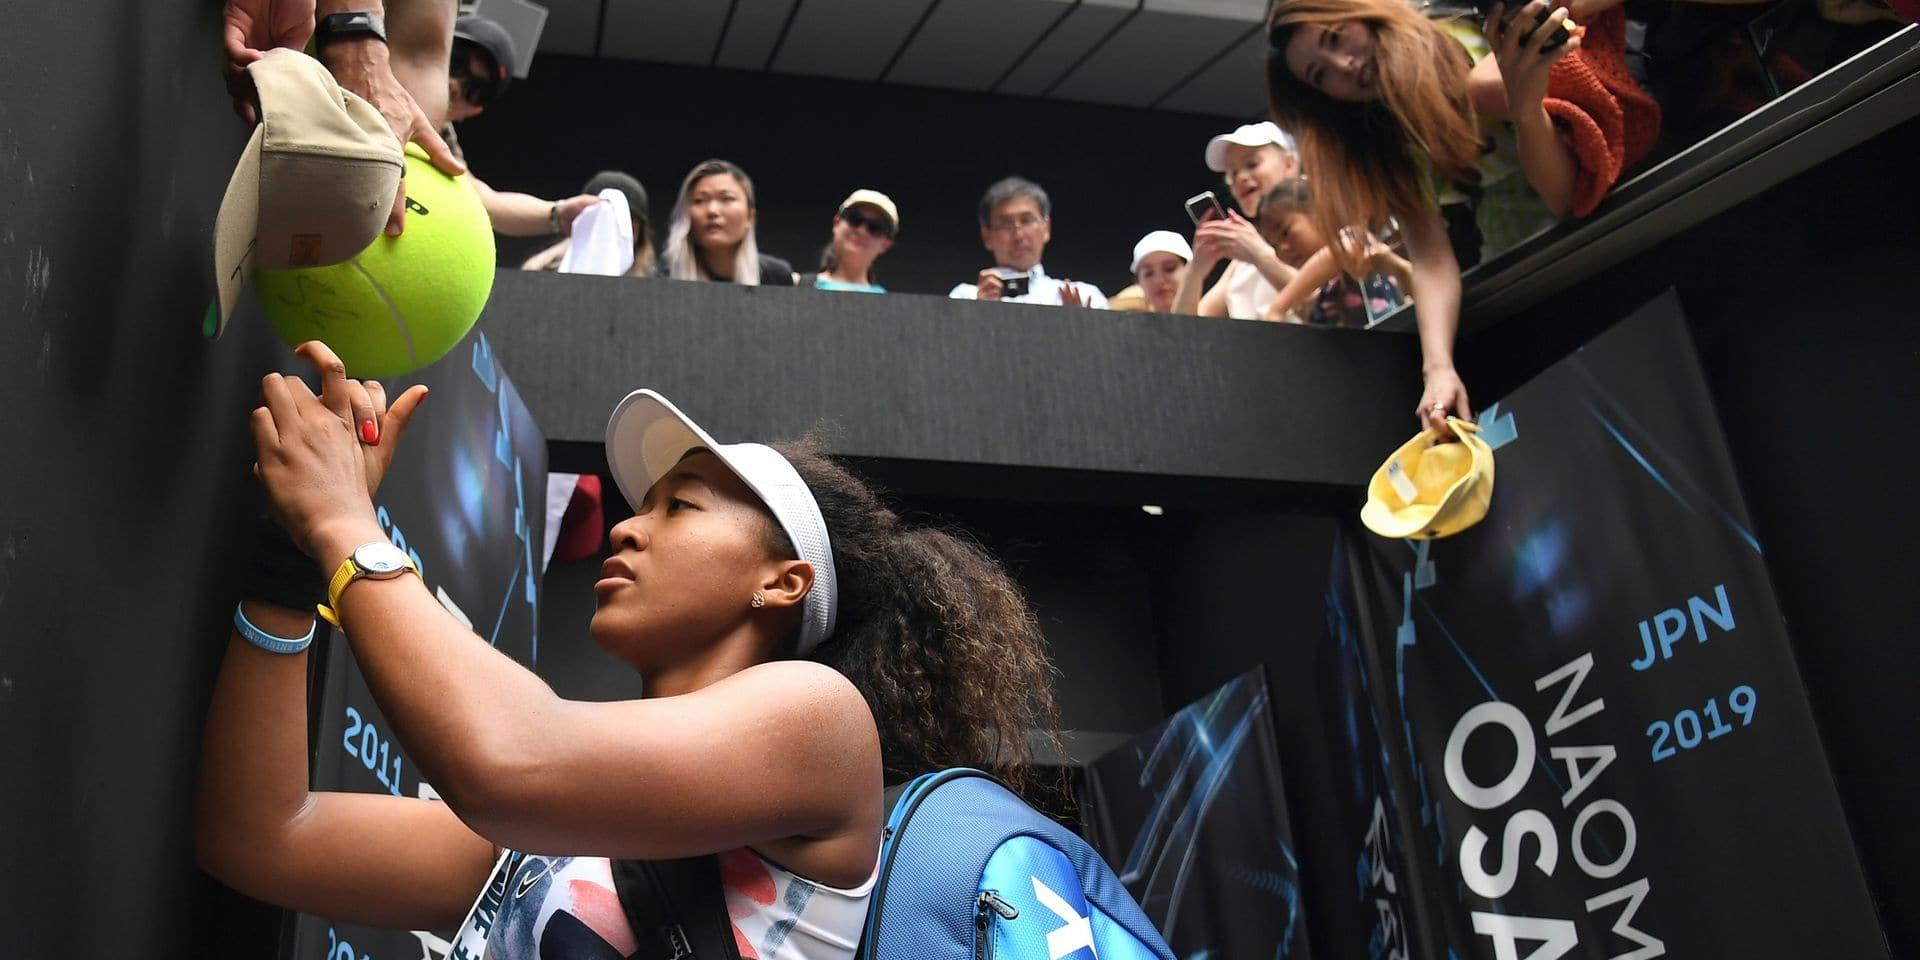 Les sportives les mieux payées sont des joueuses de tennis: plus de 37 millions pour Osaka en un an